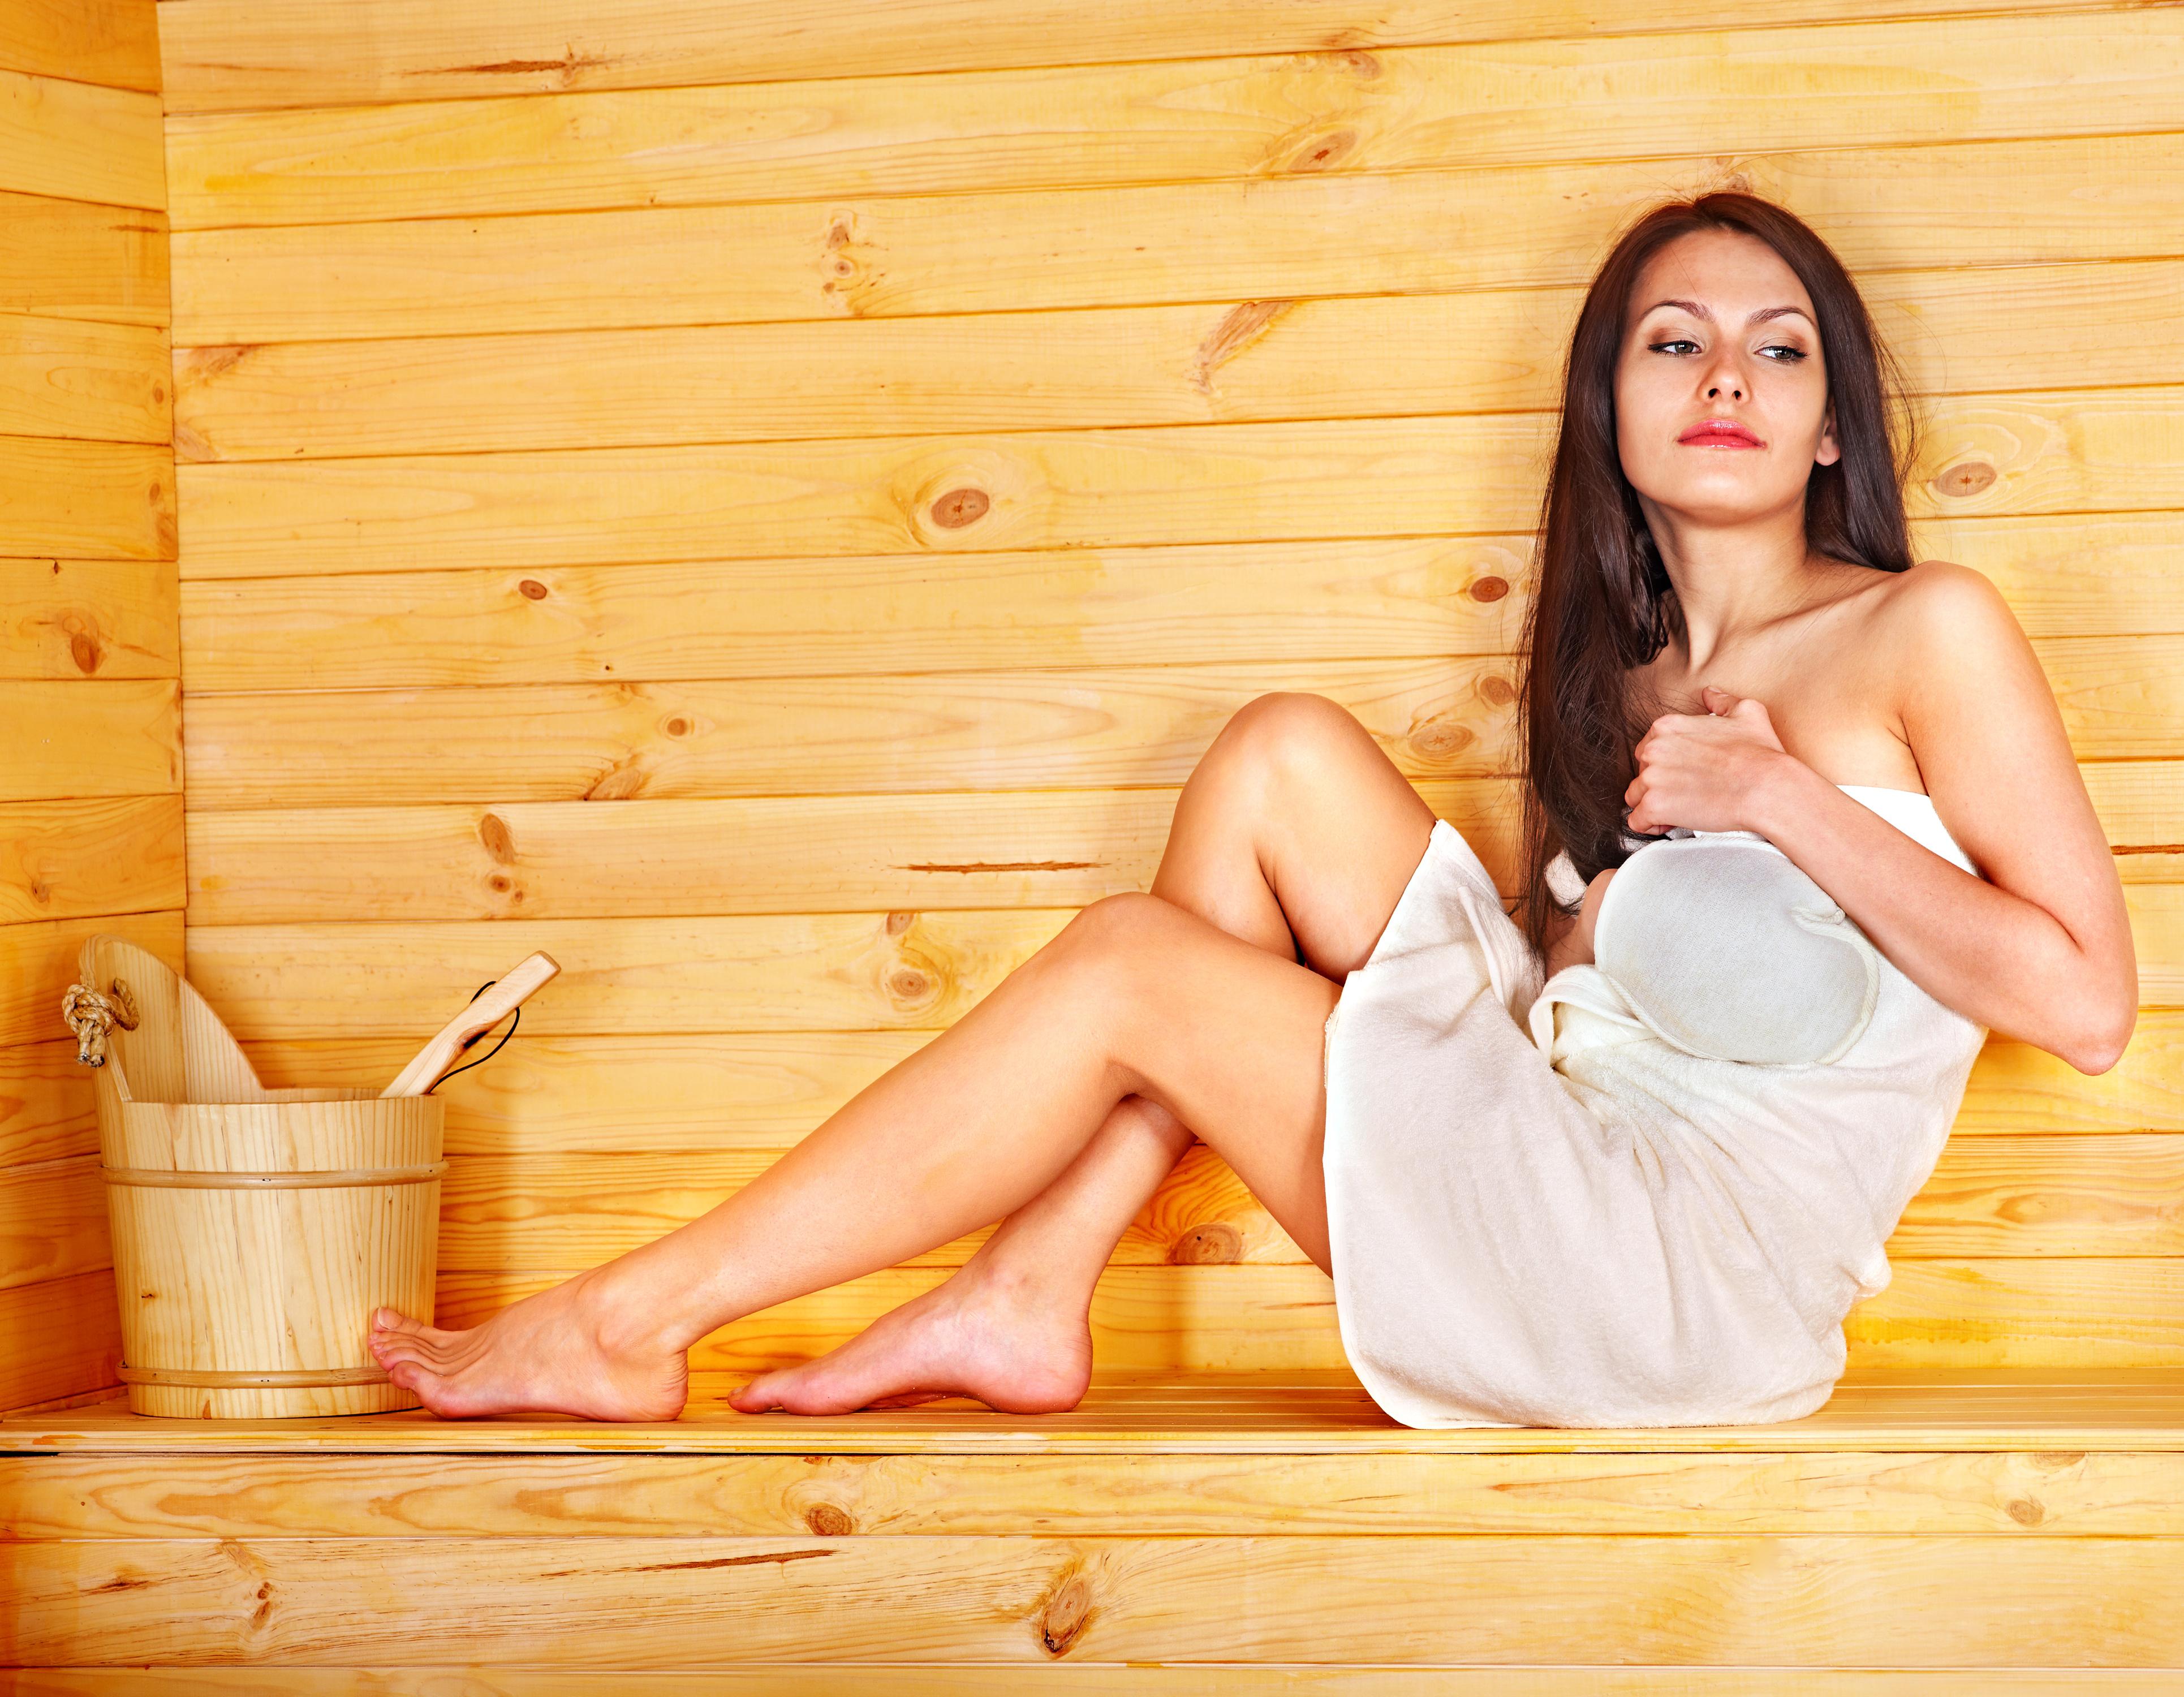 Sauna fińska   wynalezienie, rozwój i wpływ na zdrowie